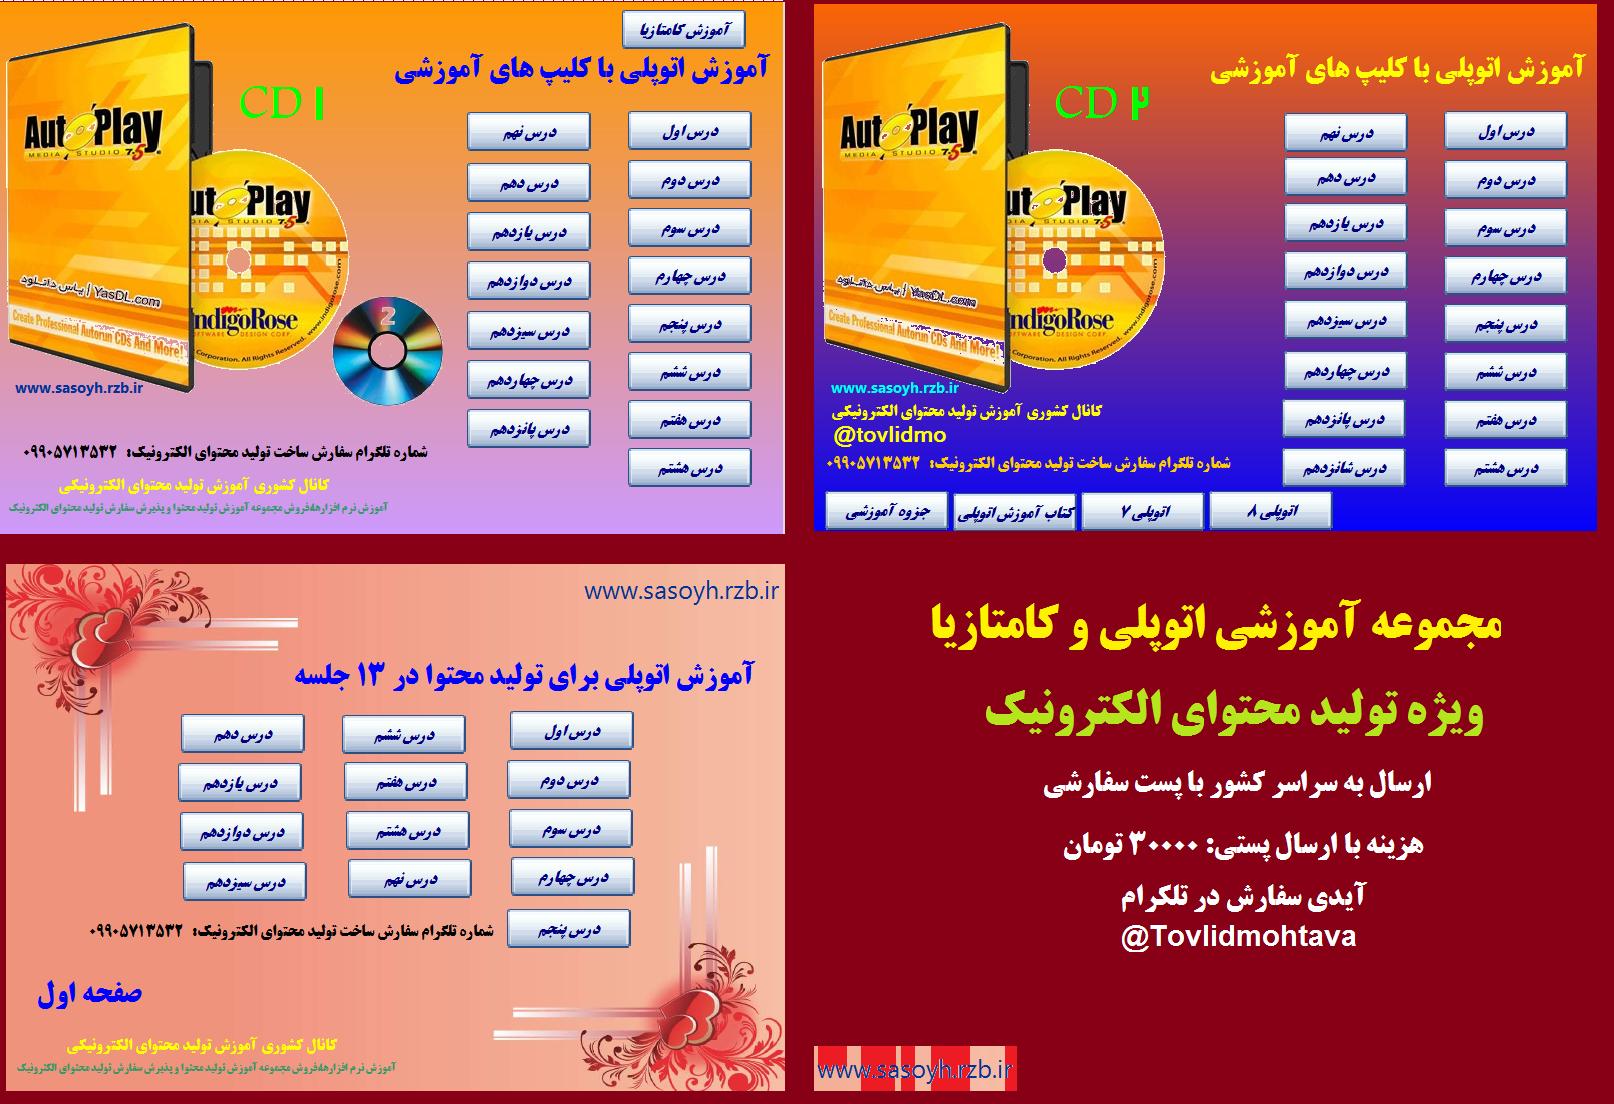 آیدی سفارش مجموعه آموزشی تولید محتوای الکترونیک   @Tovlidmohtava  کانال کشوری آموزش تولید محتوای الکترونی